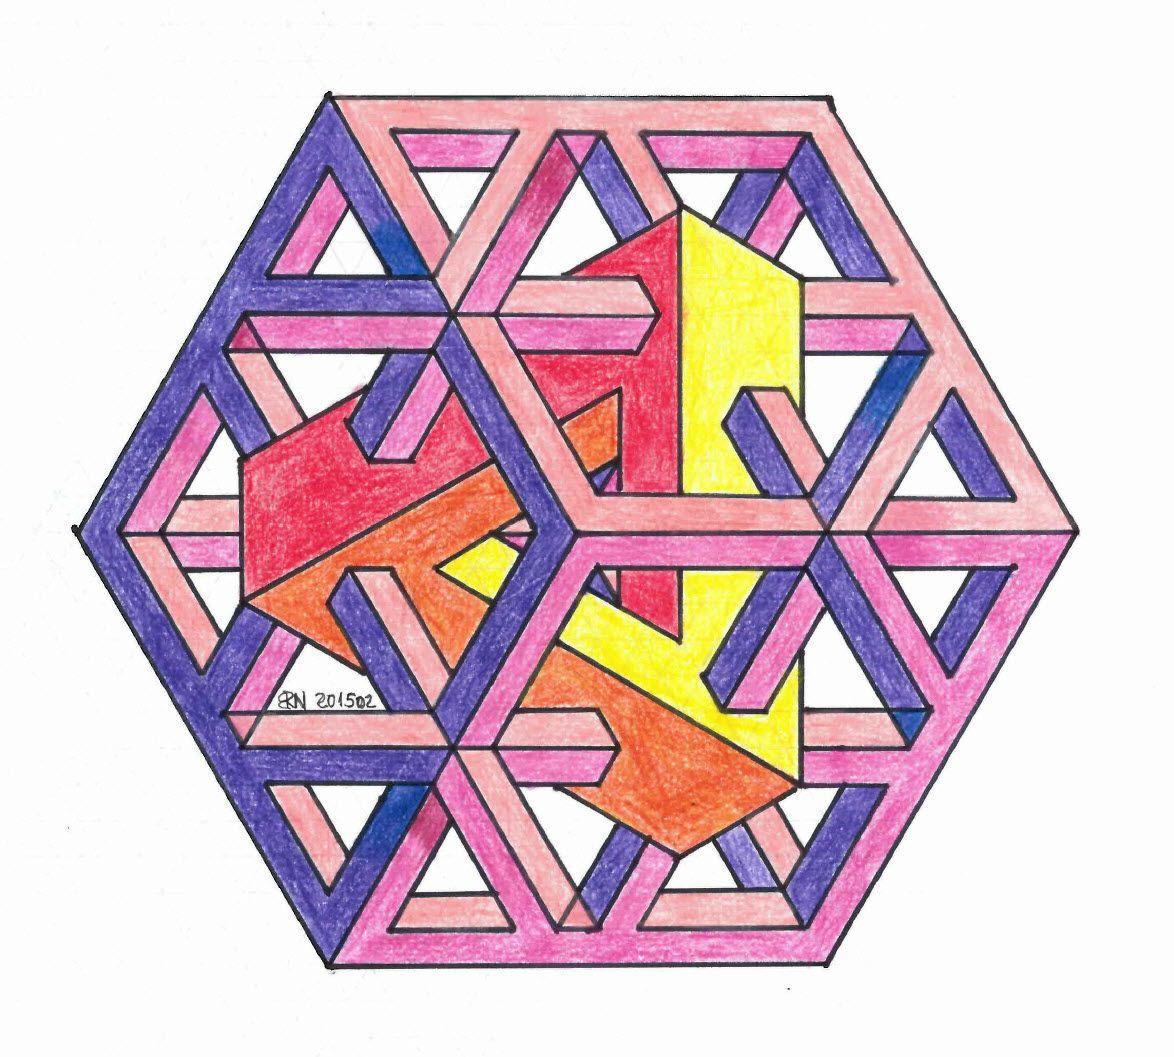 Оригинальные геометрические фигуры картинки